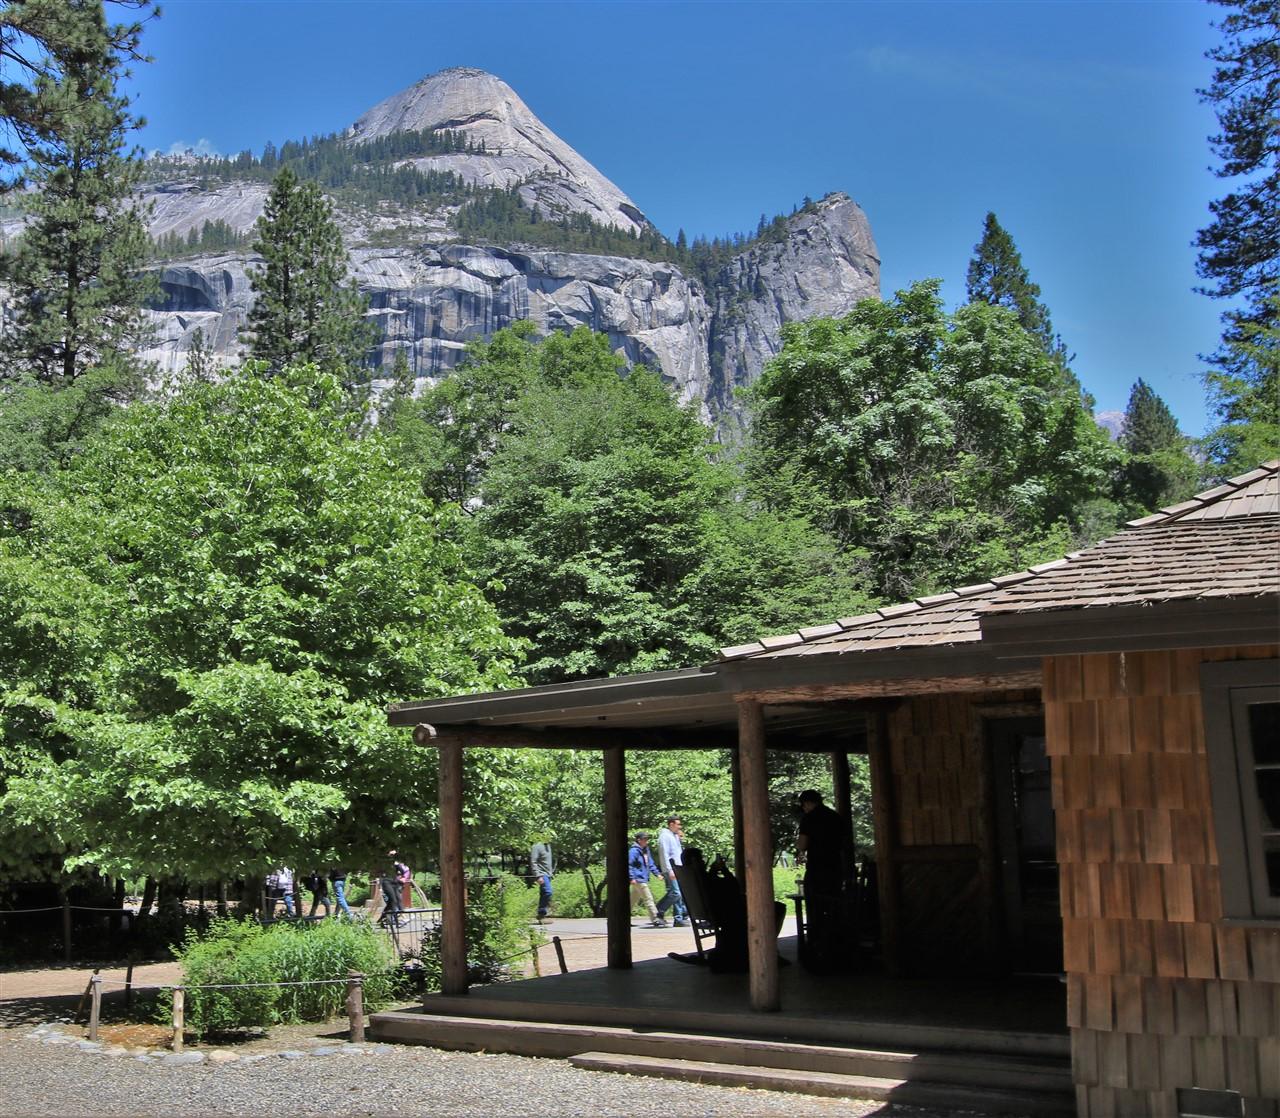 2016 05 22 46 Yosemite.jpg